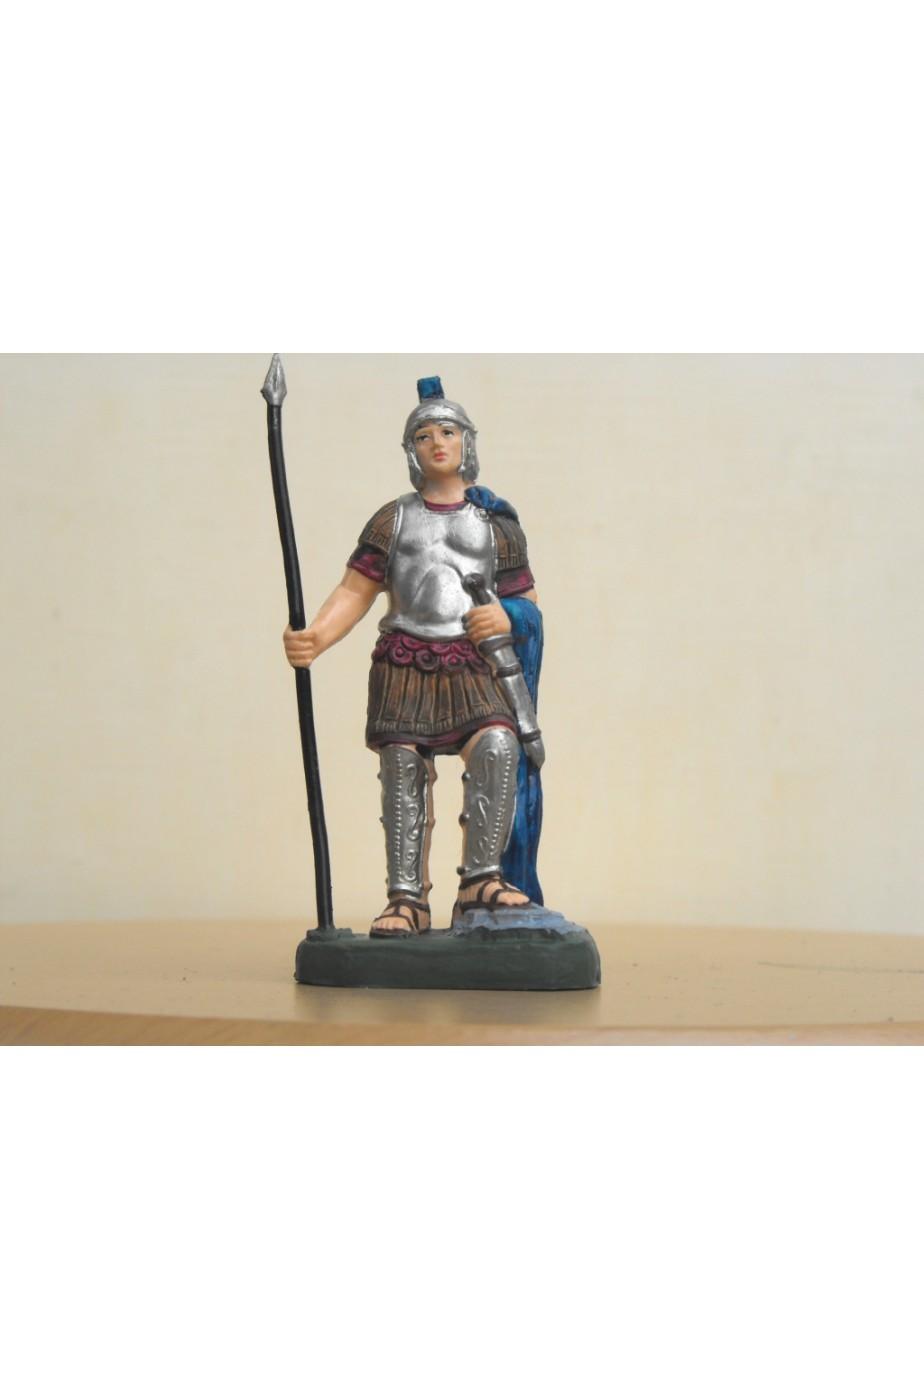 Figurina Presepe in plastica (cm 10) Soldato legionario romano con lancia